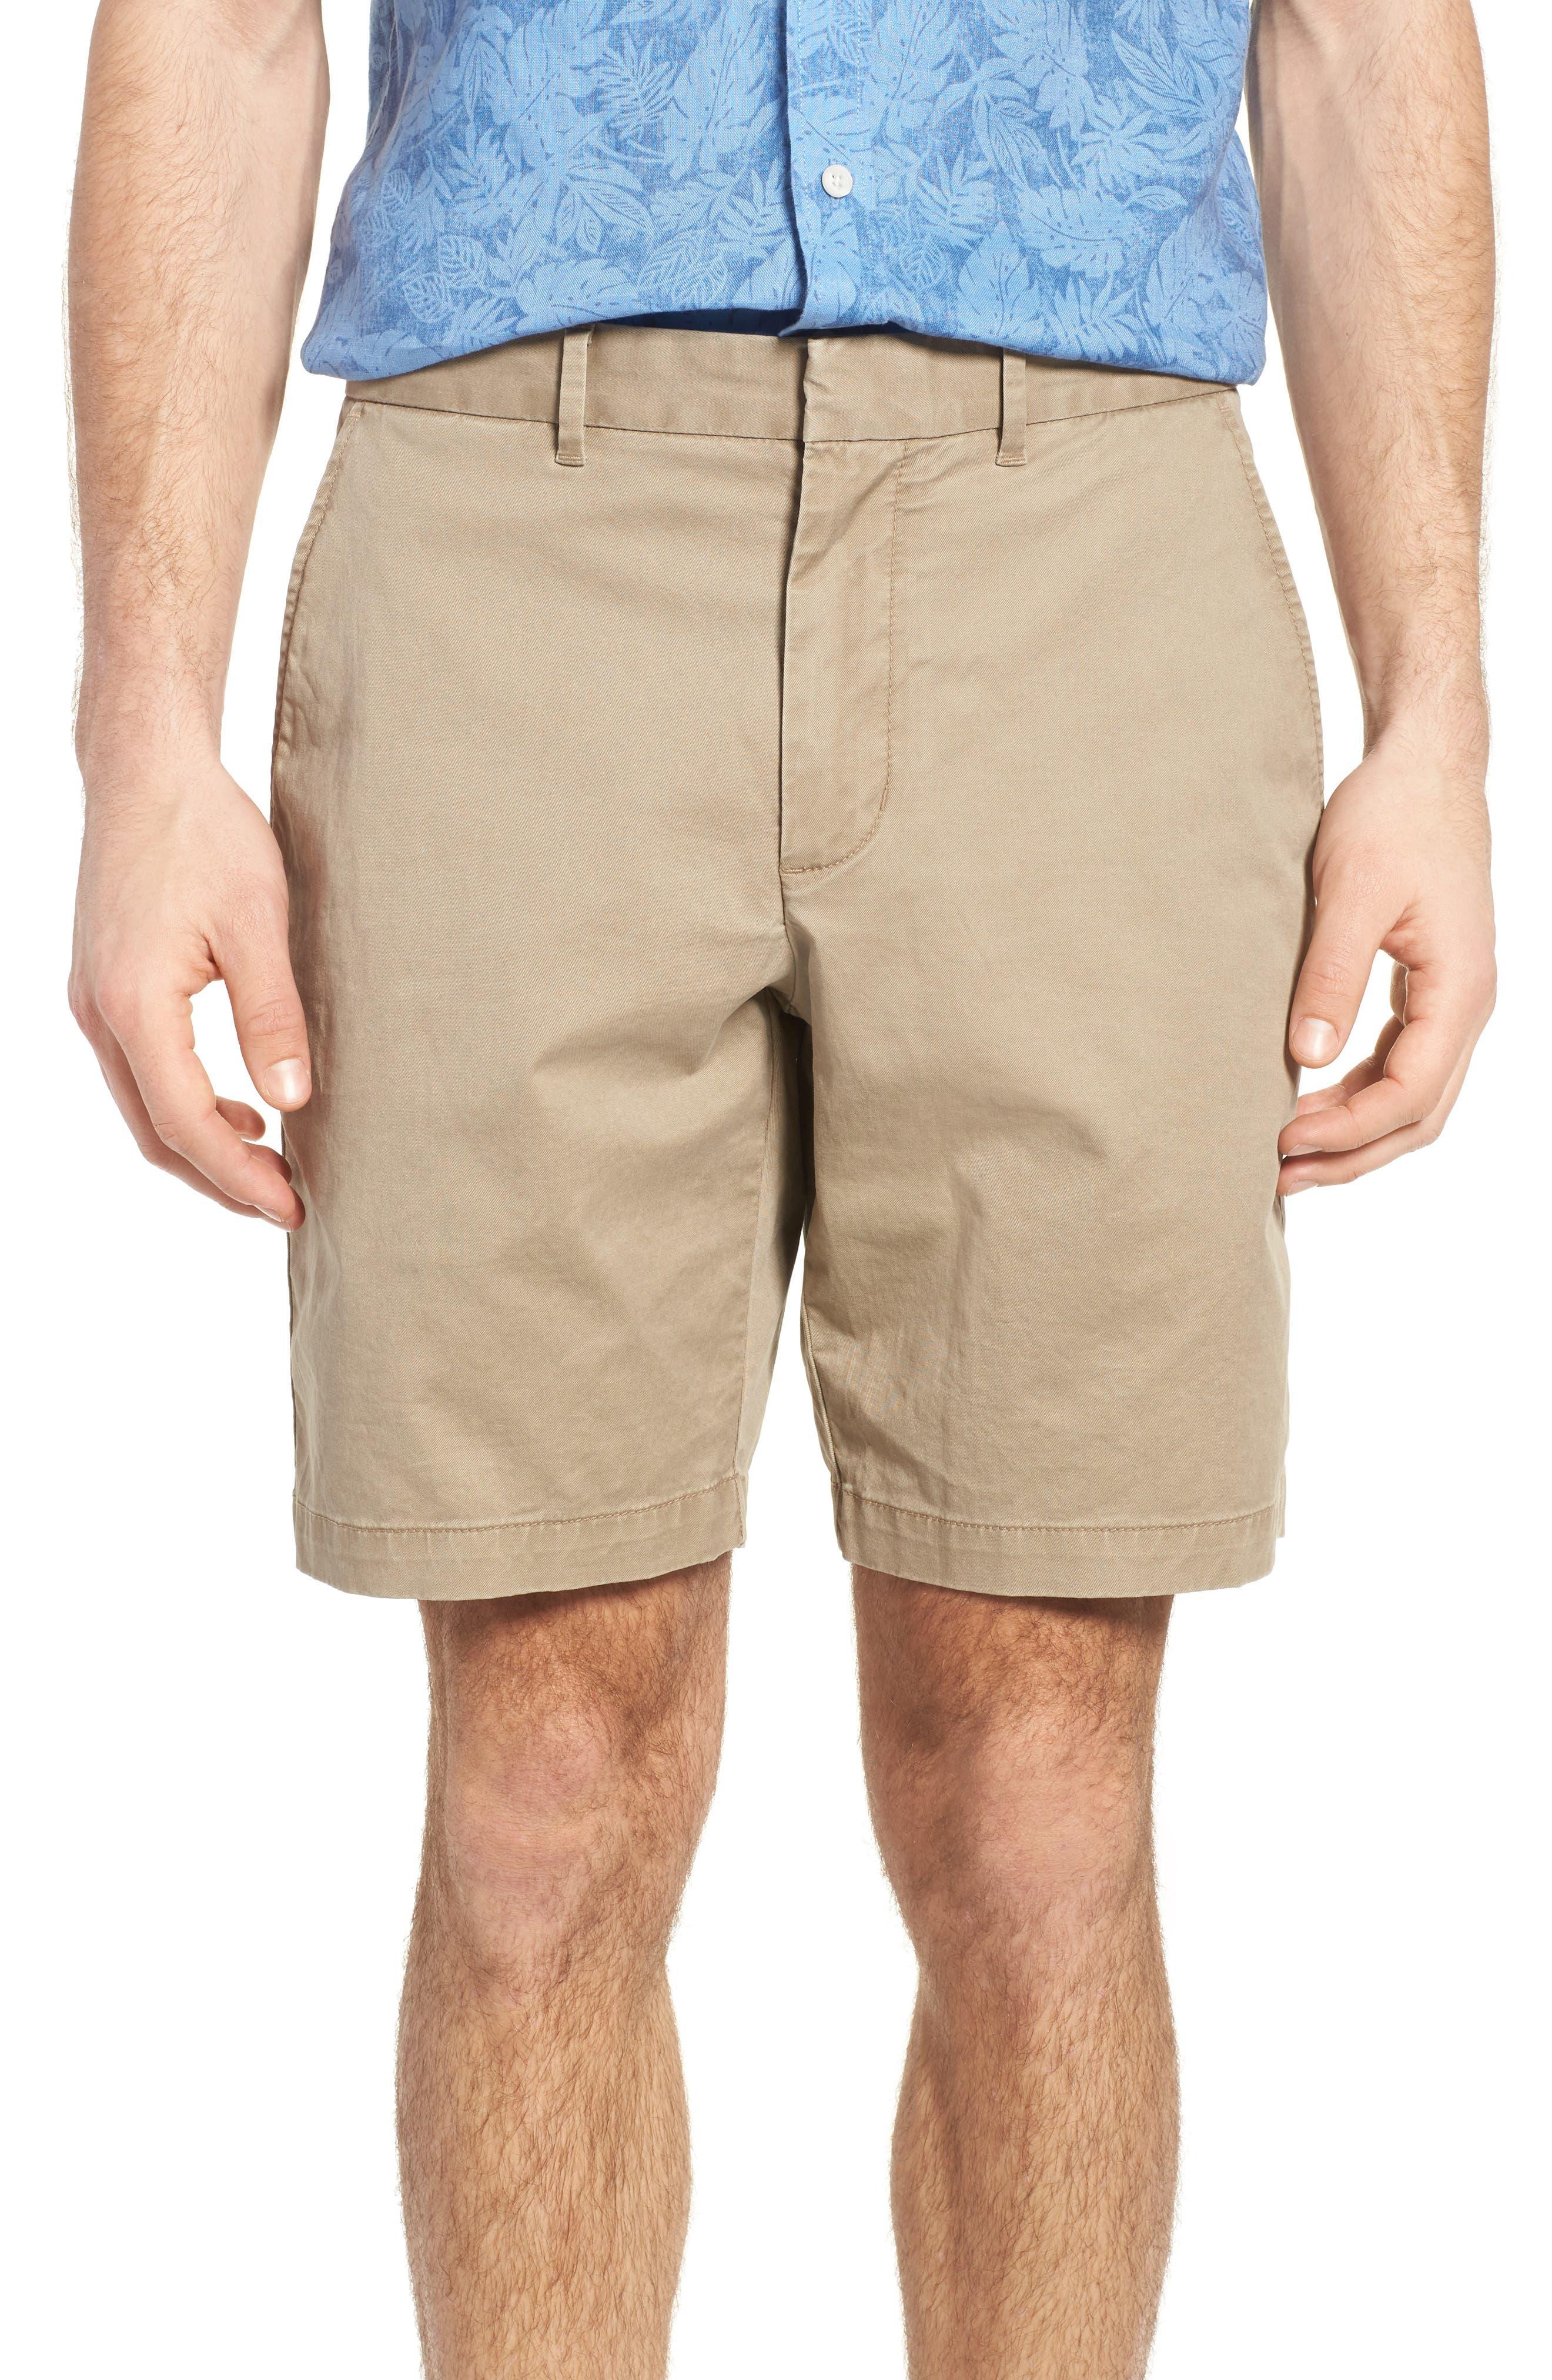 NORDSTROM MEN'S SHOP Stretch Shorts